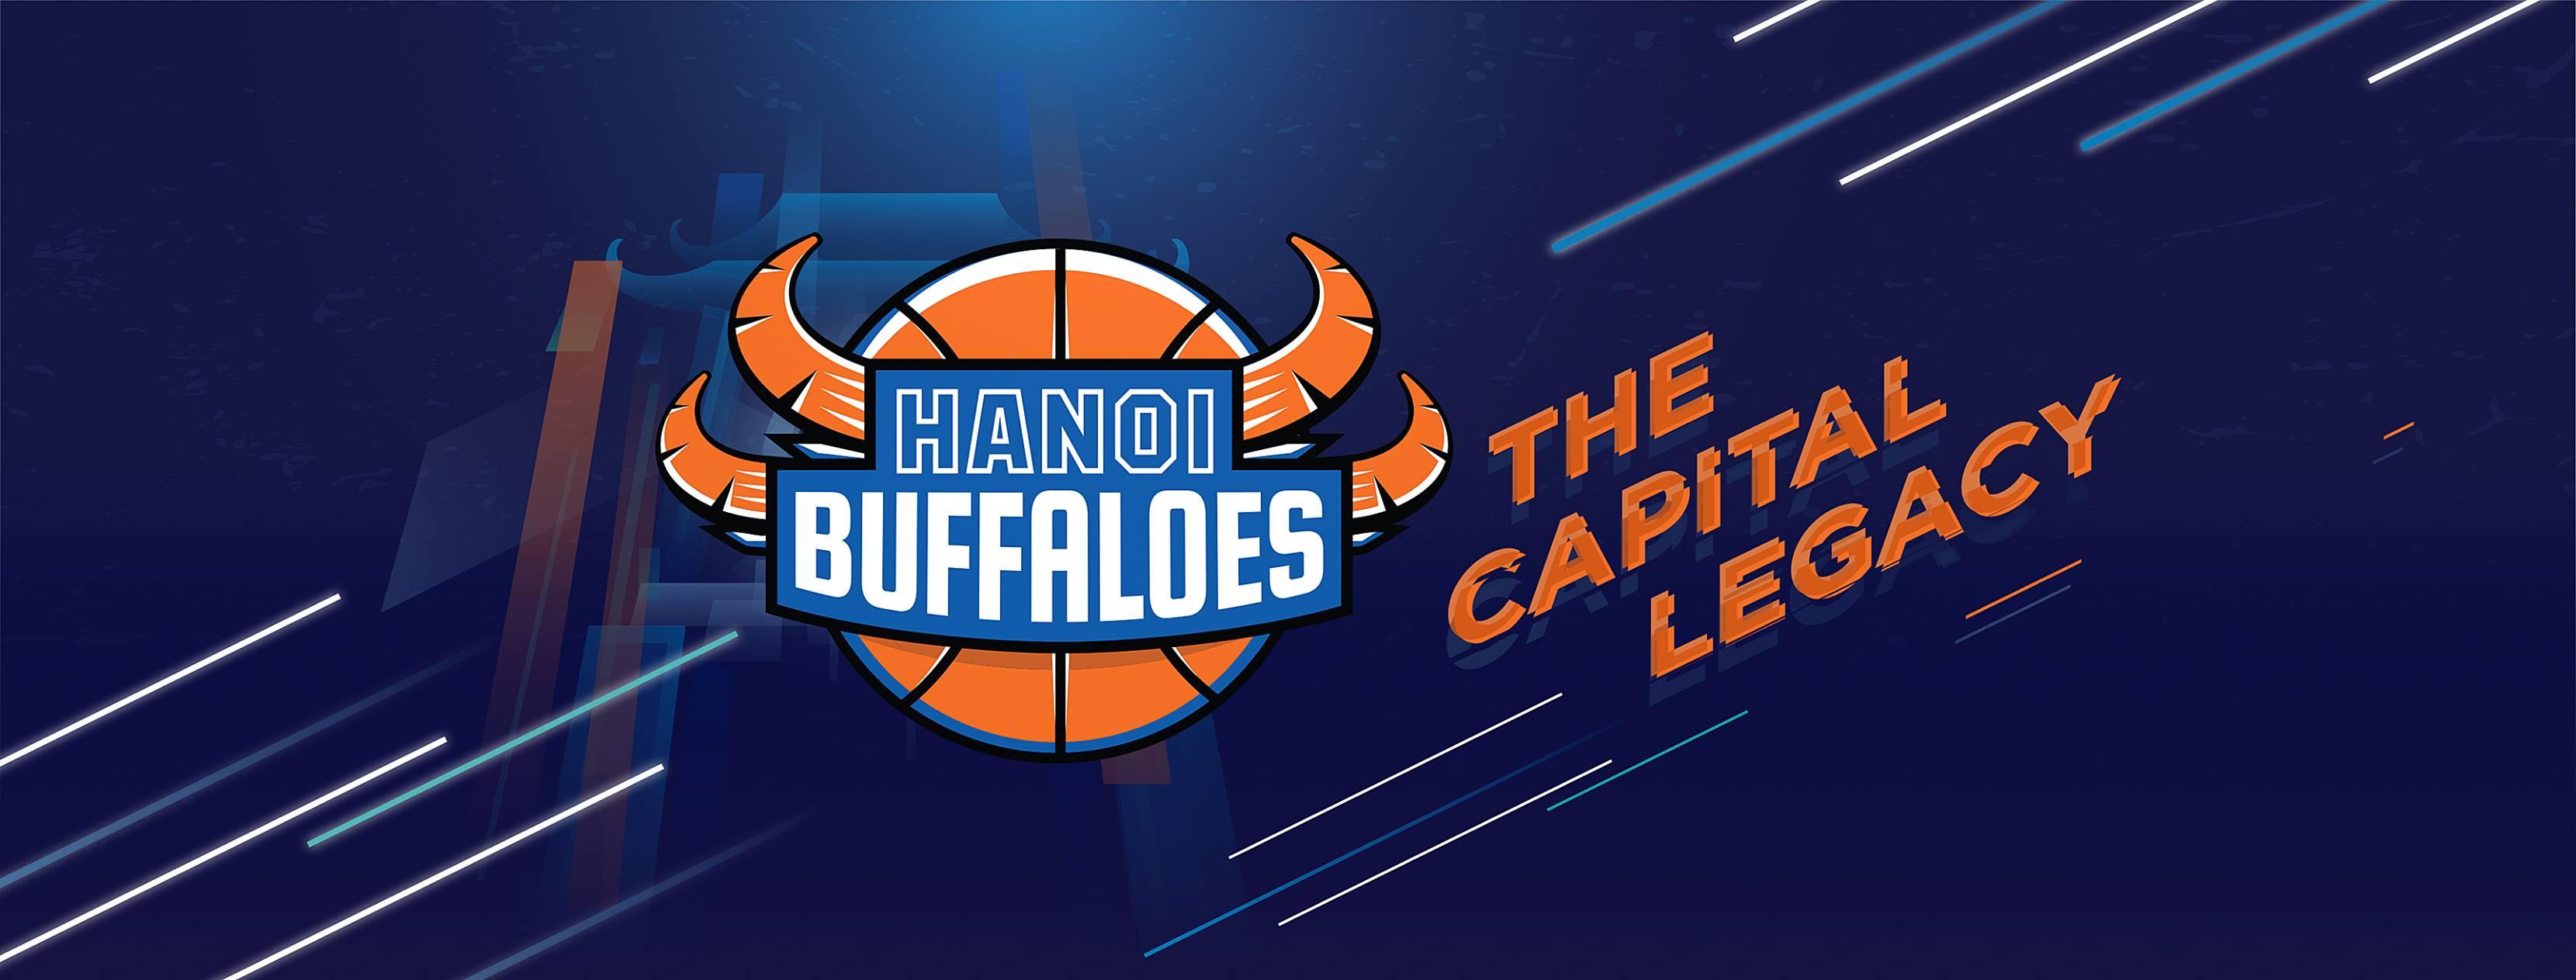 Hanoi Buffaloes công bố Logo mới trước thềm VBA, khẳng định sức mạnh